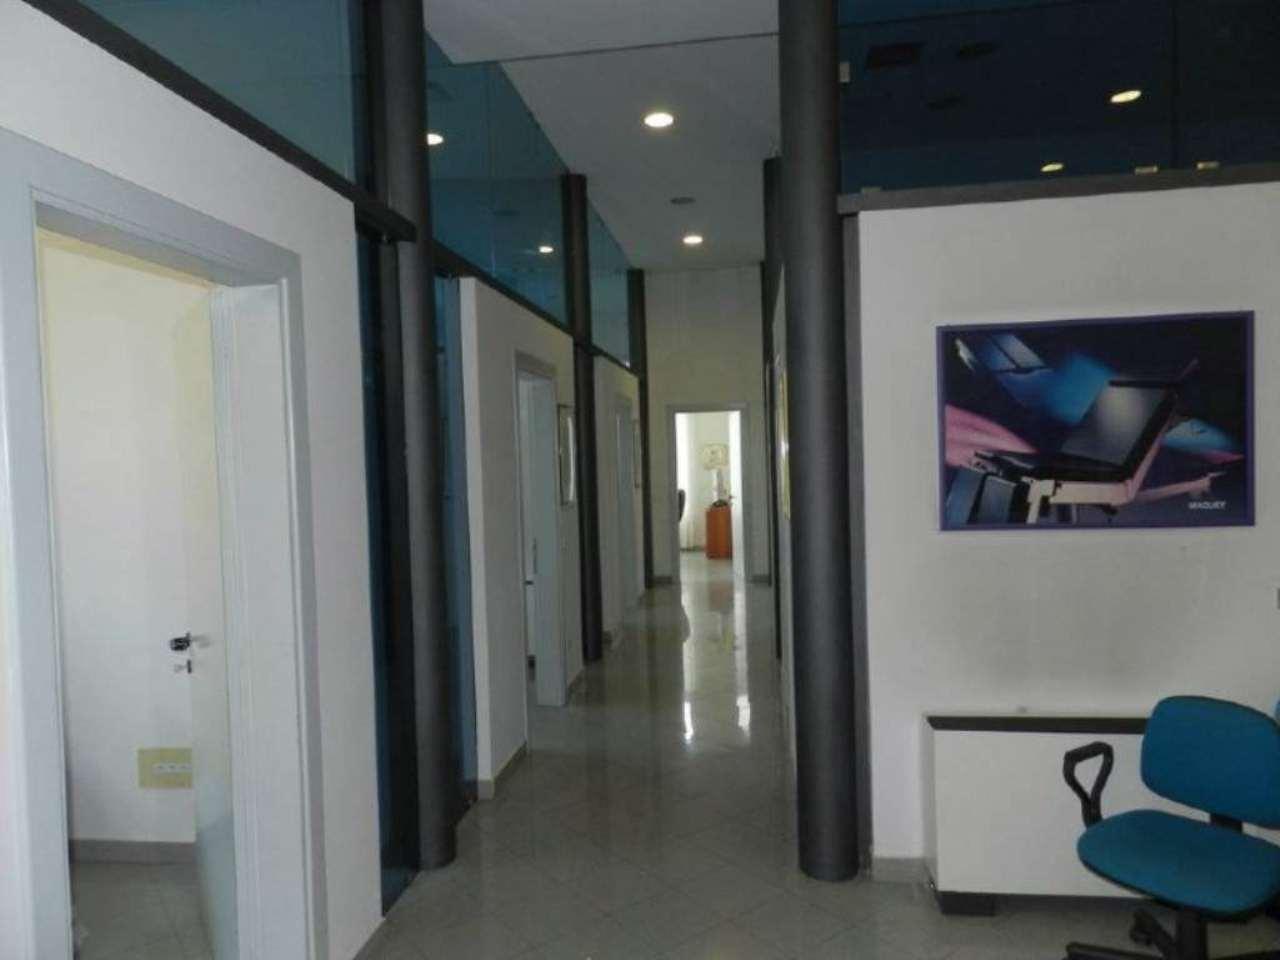 Ufficio / Studio in affitto a Castenaso, 1 locali, prezzo € 1.500 | Cambio Casa.it